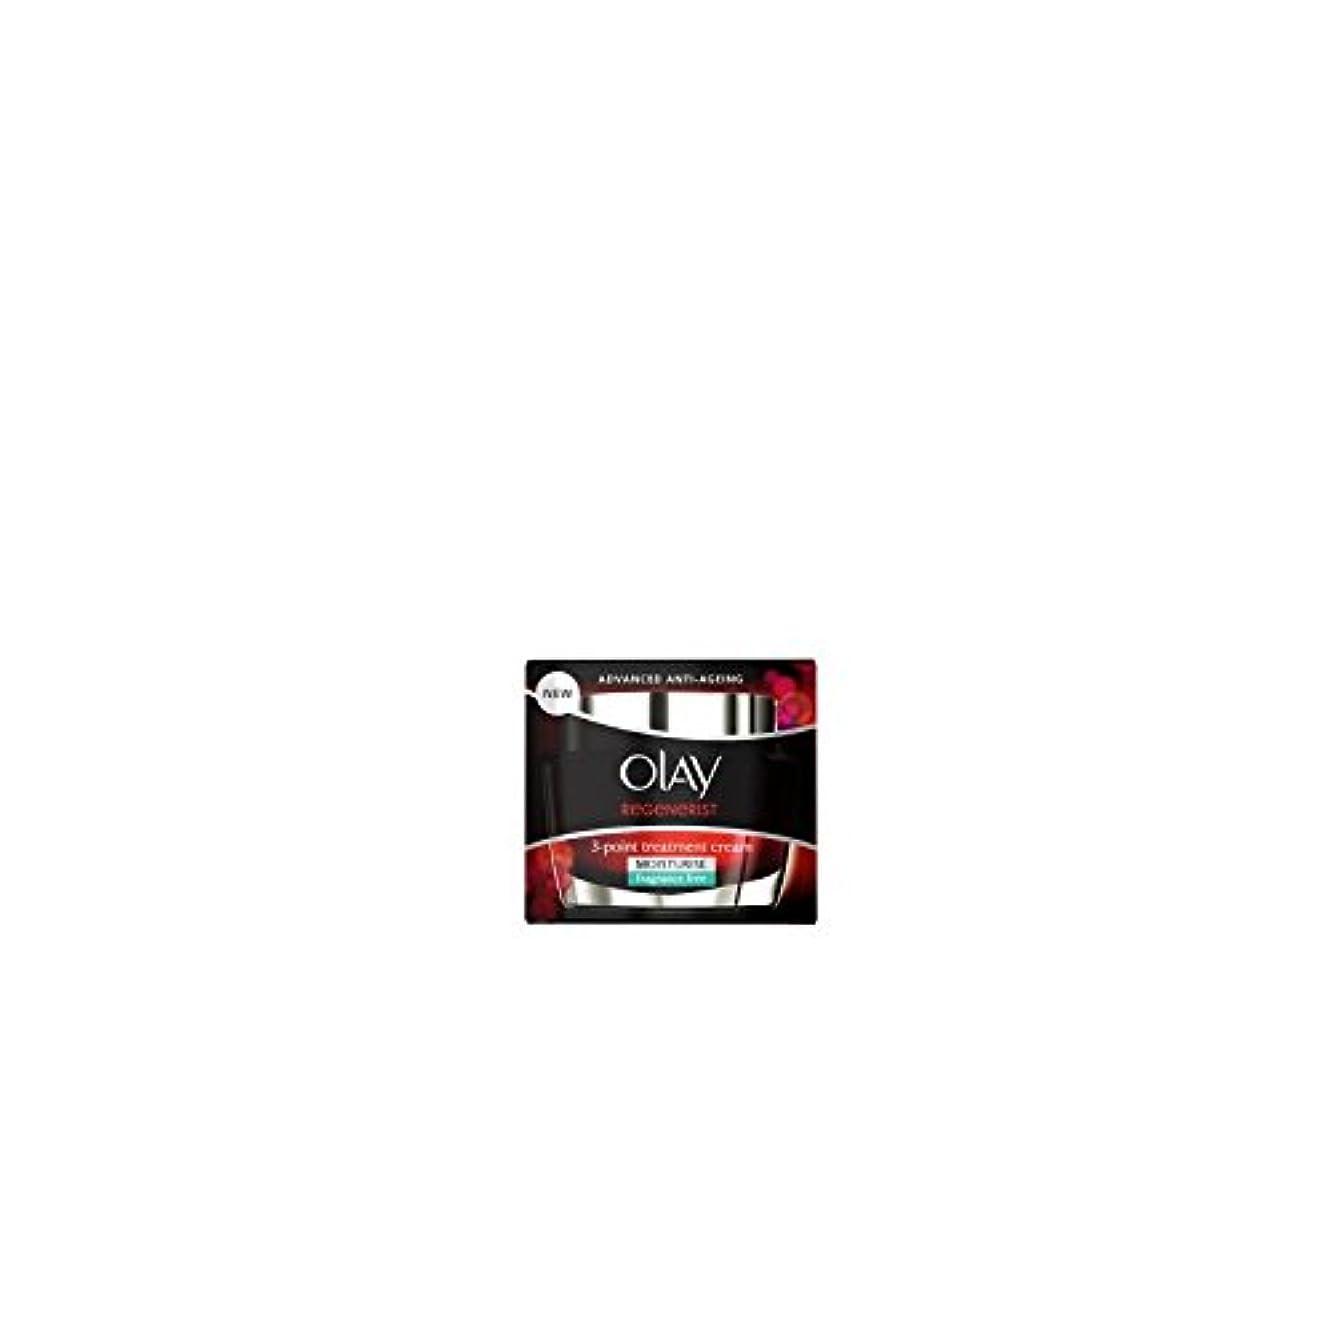 架空のシュリンクグラムオーレイリジェネ3ポイントトリートメントクリーム(無香料)(50ミリリットル) x4 - Olay Regenerist 3 Point Treatment Cream (Fragrance Free) (50ml) (...